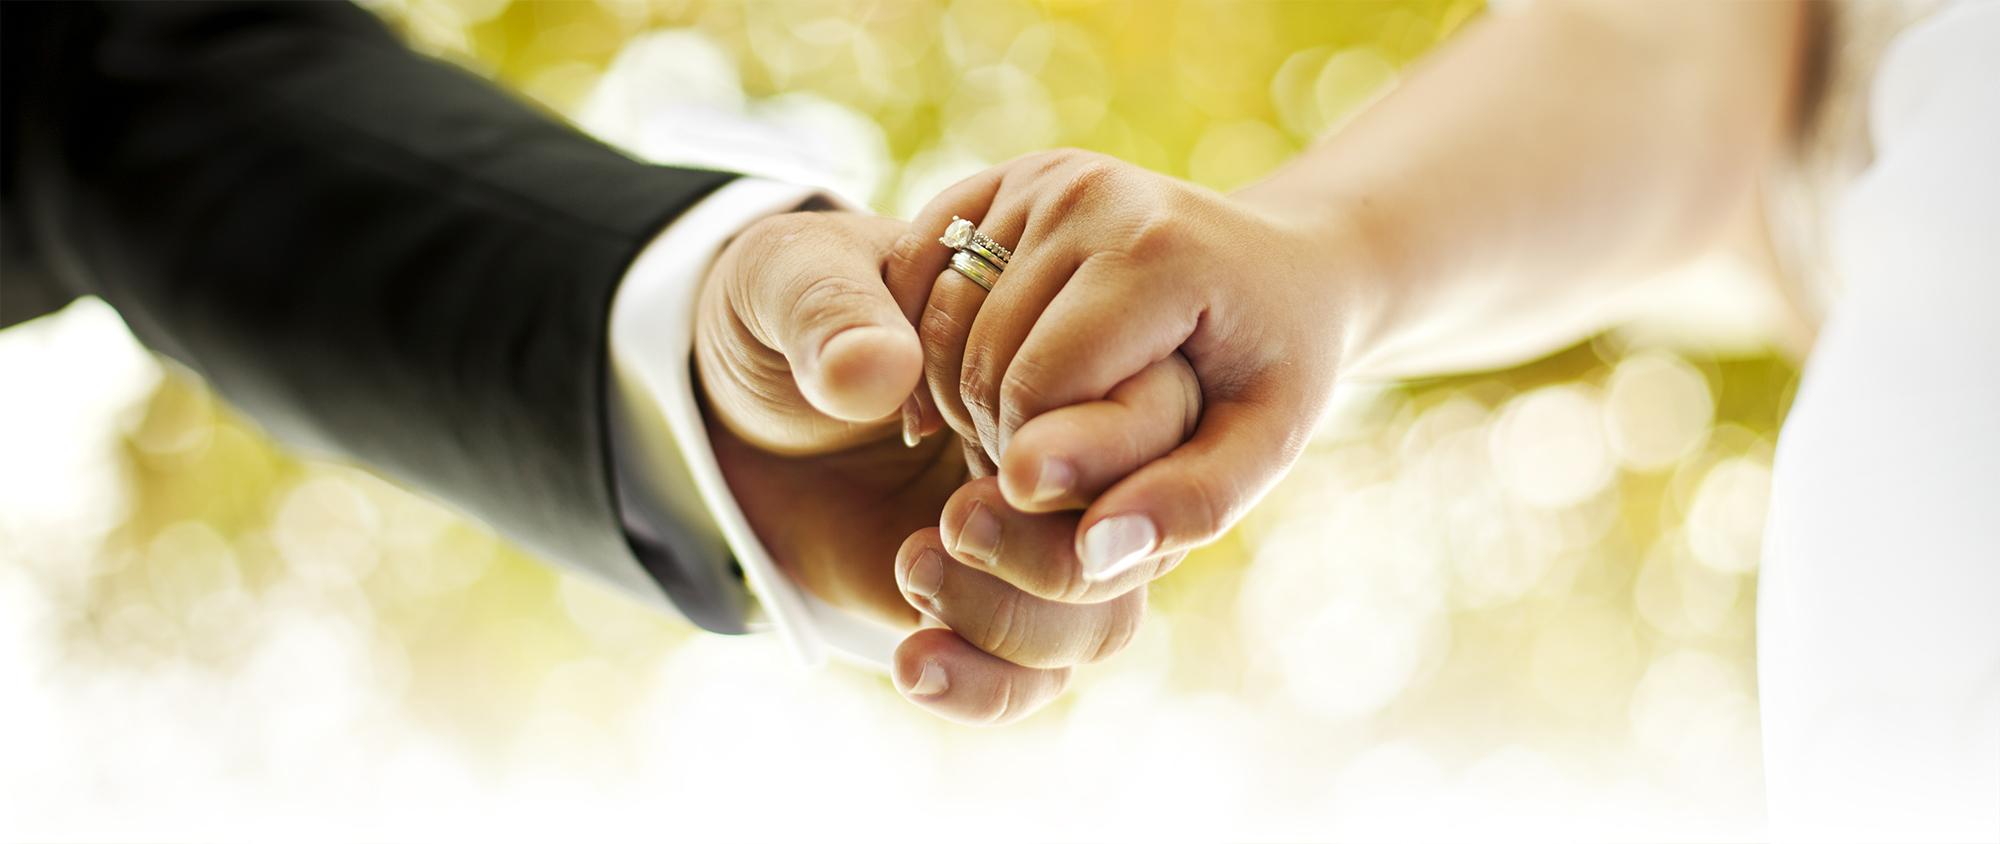 Matrimonios Catolicos Temas : Dios entre nosotros formación integral para la vida familiar